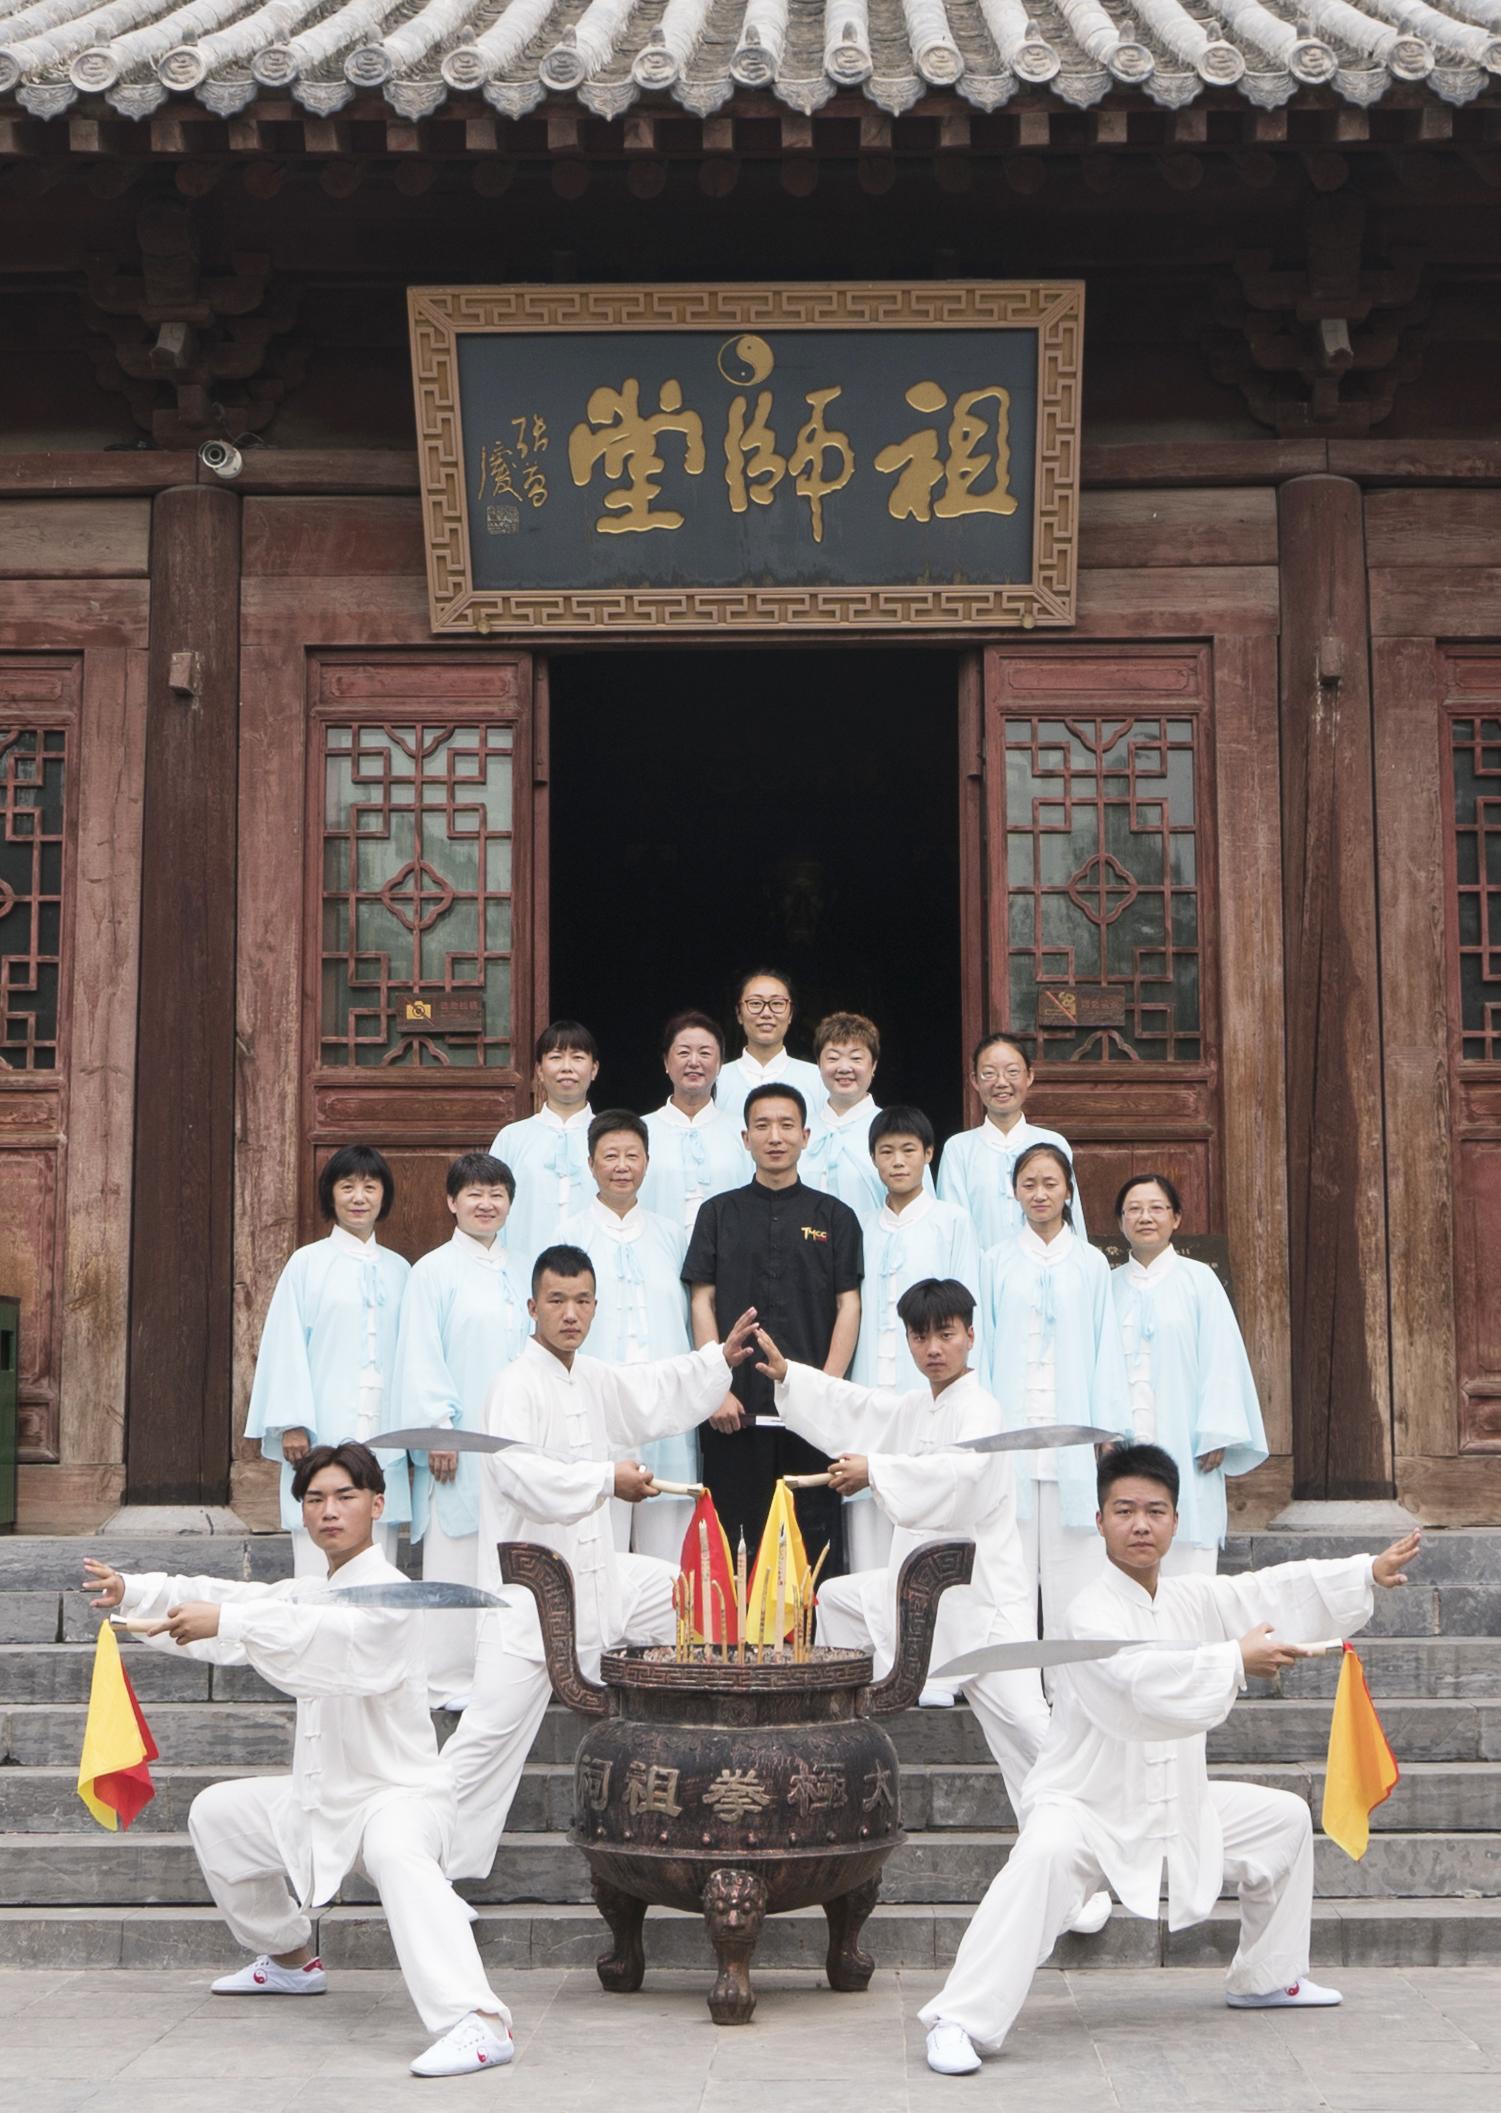 祖师堂门前合影2